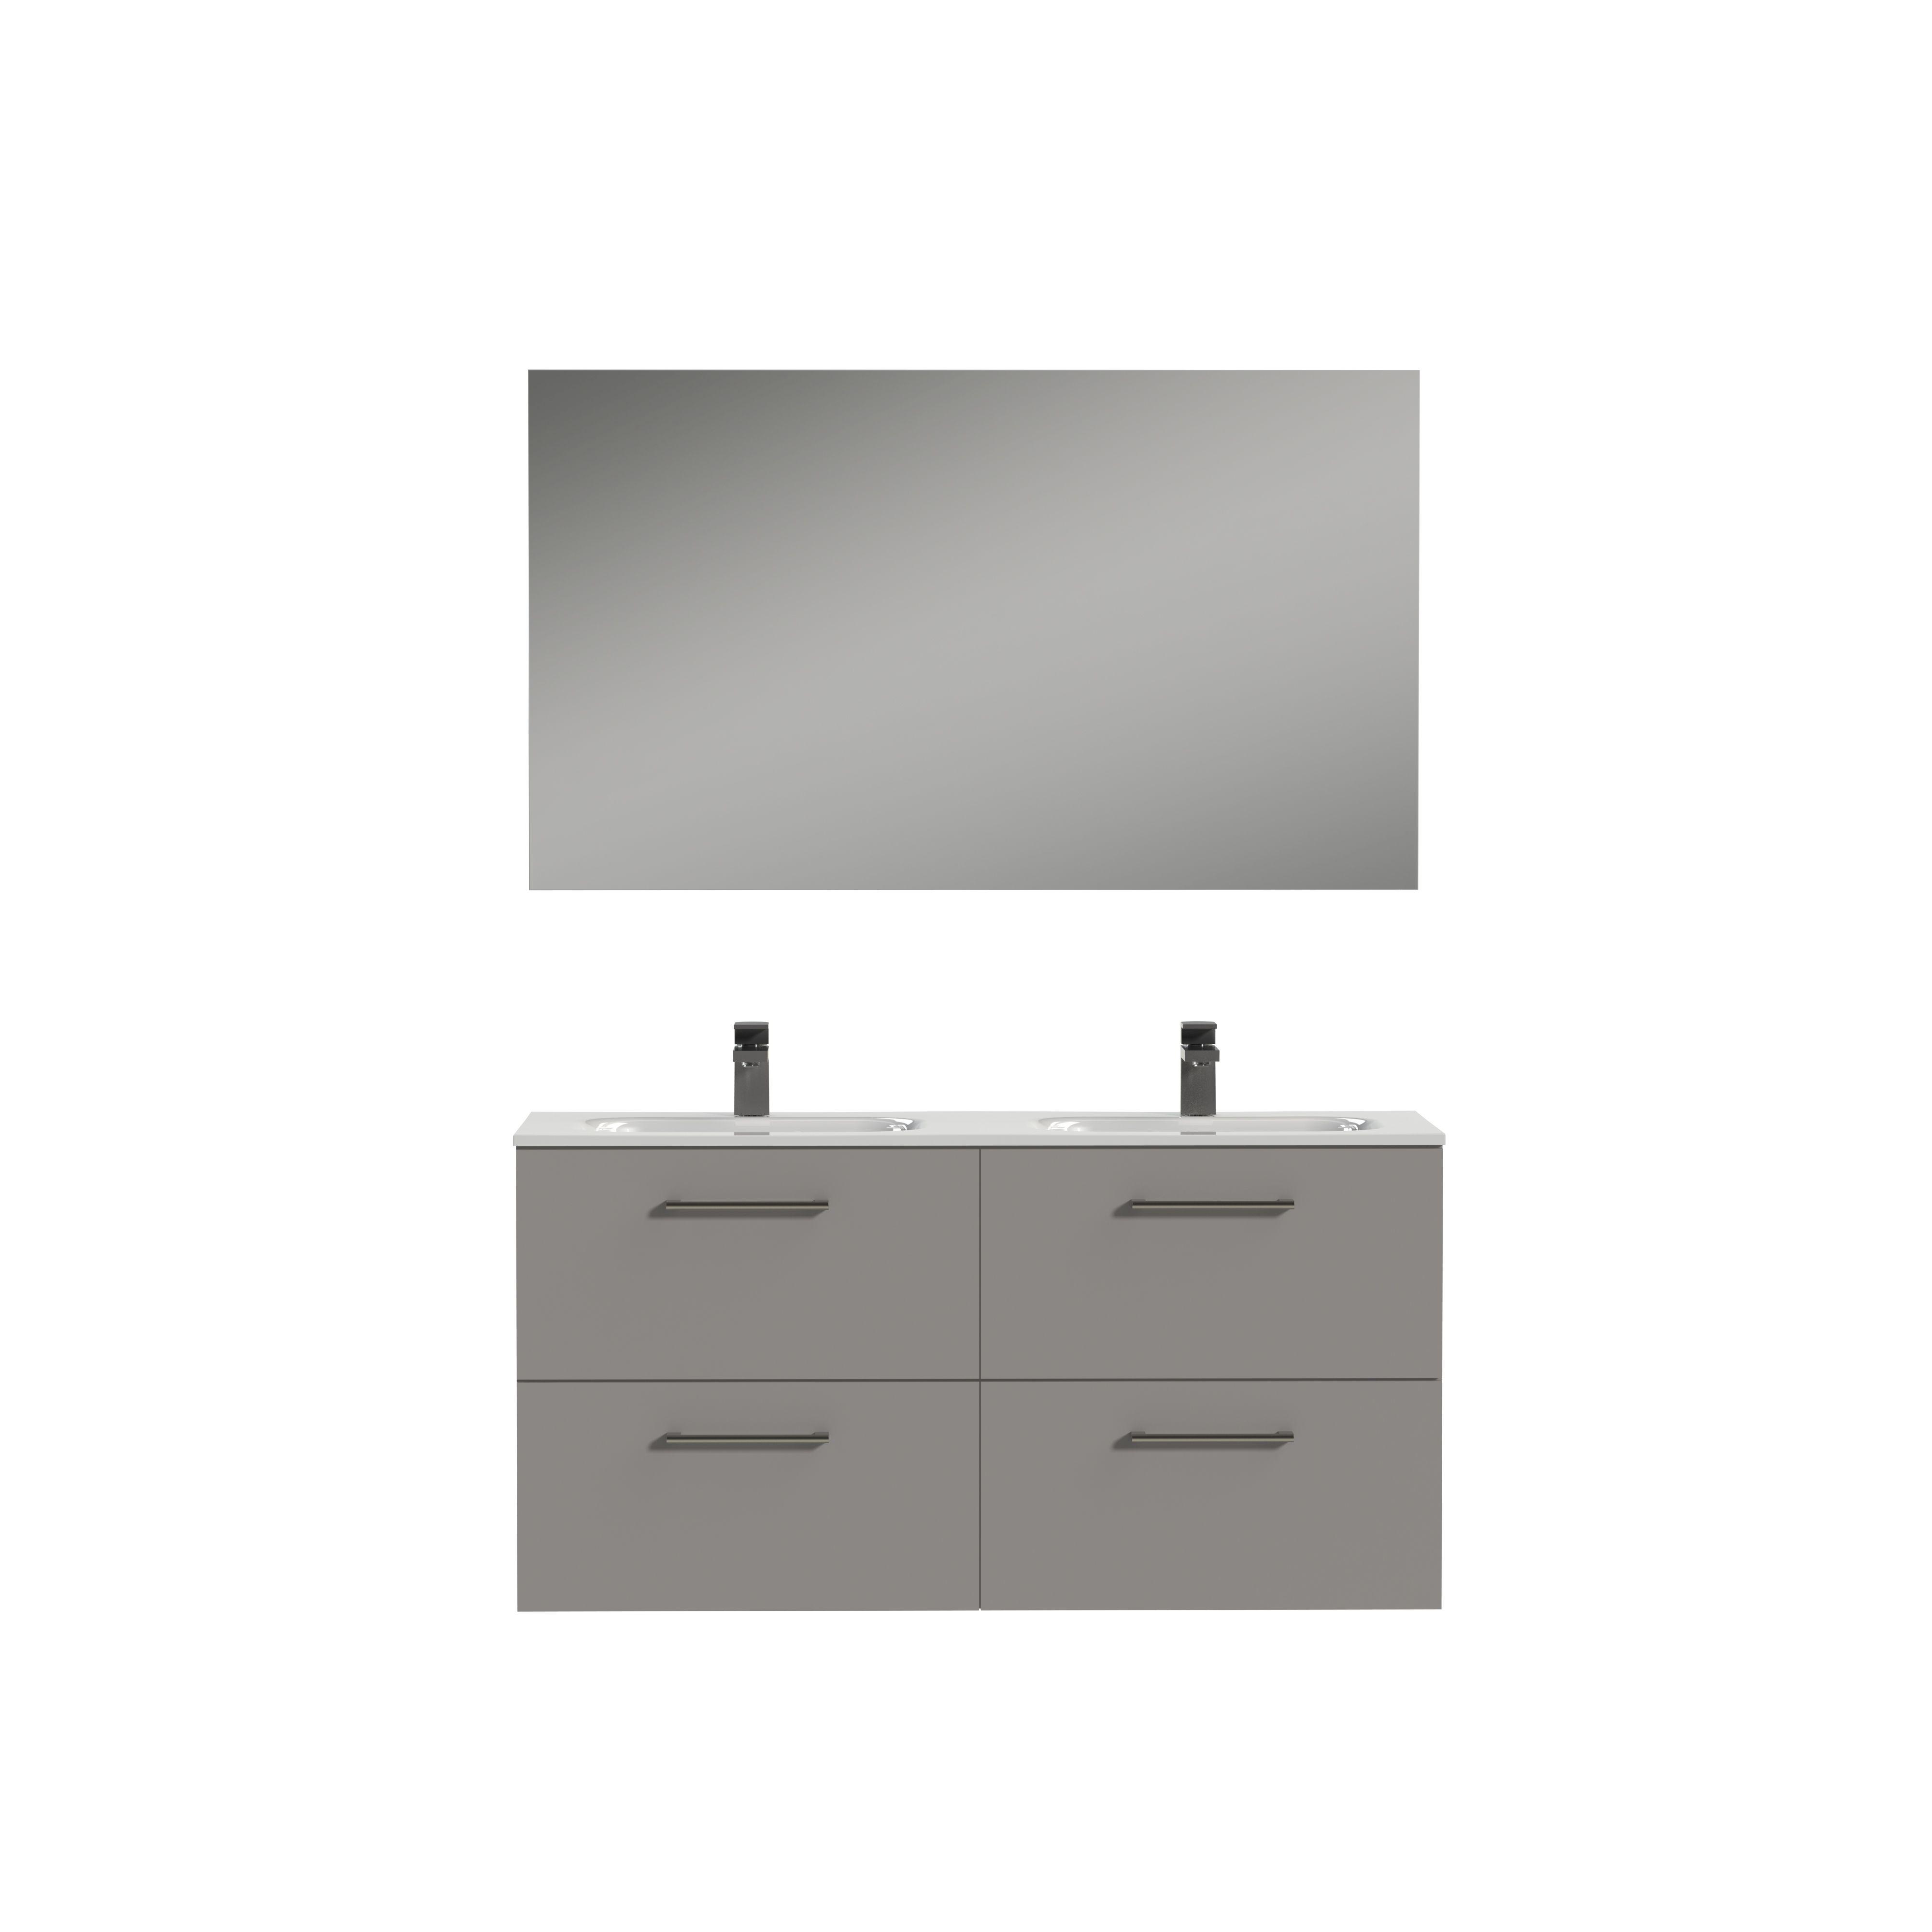 Tiger Studio badkamermeubel incl spiegel en witte wastafel 120cm mat grijs